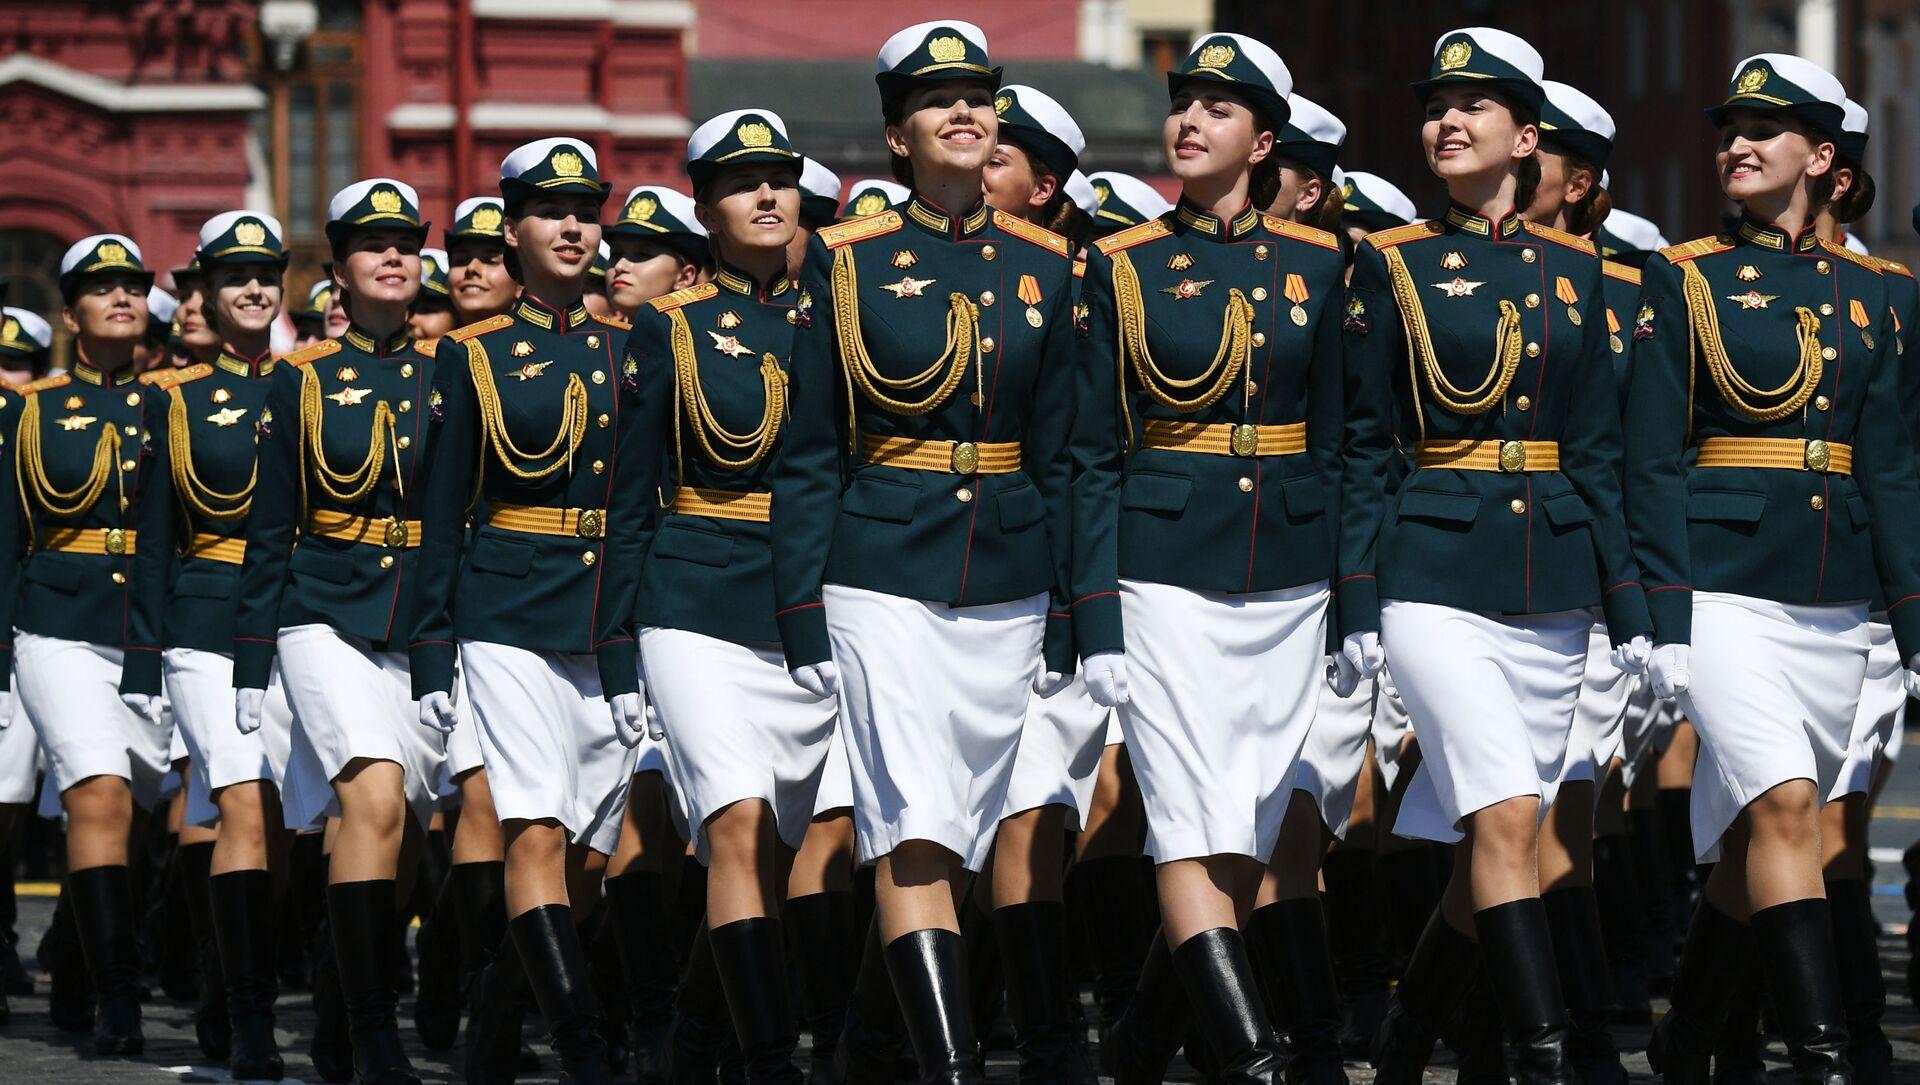 Żołnierki na Placu Czerwonym w Moskwie podczas Defilady Wojskowej z okazji 75. rocznicy Zwycięstwa - Sputnik Polska, 1920, 16.02.2021